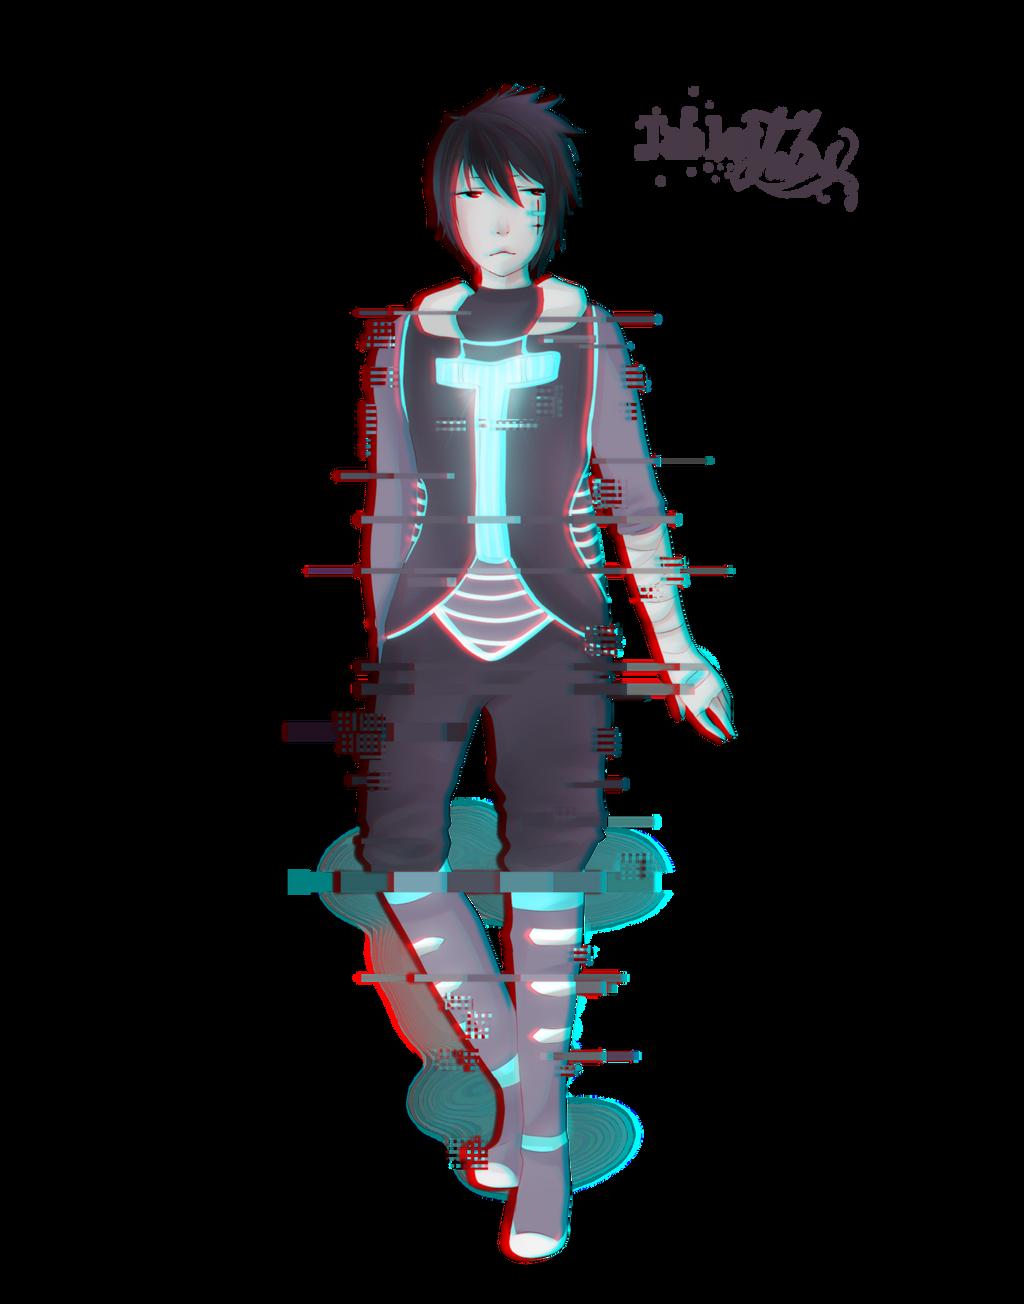 Lucian by Darakone